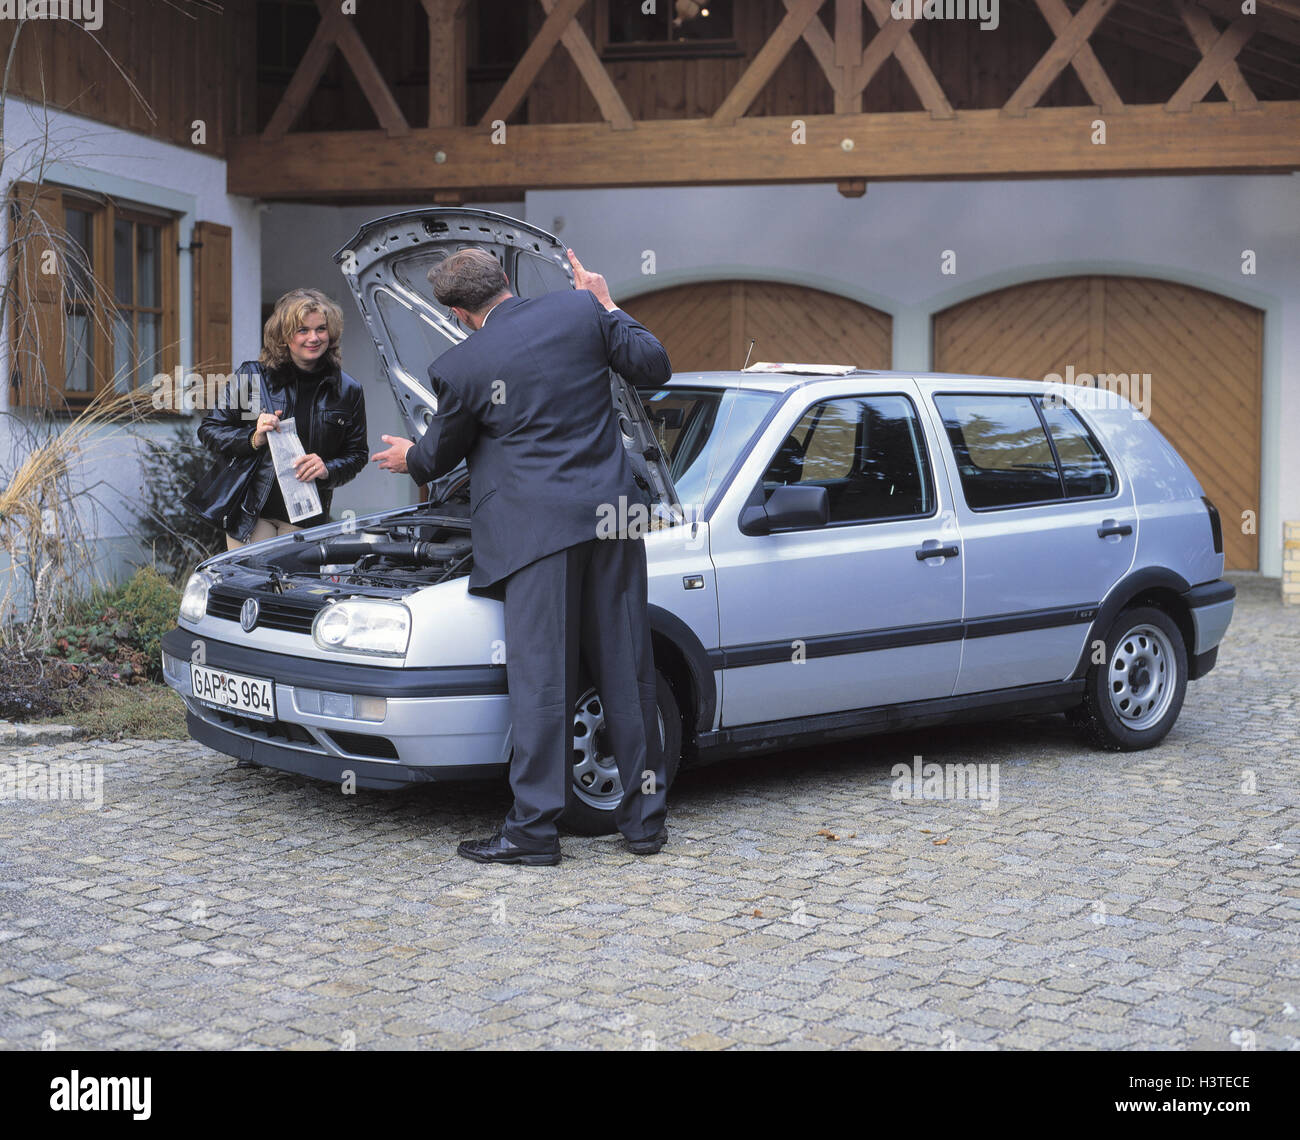 Frau Autokauf Privat Gebrauchtwagen Vw Golf Auto Käufer Kauf